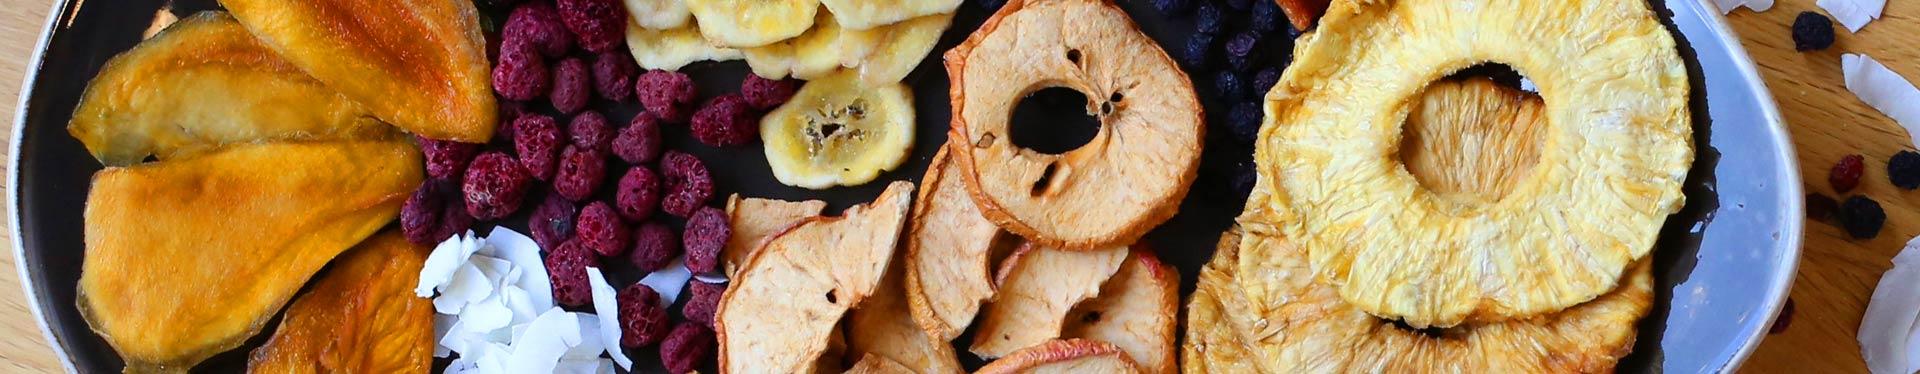 Trockenfrüchte & Trockenobst